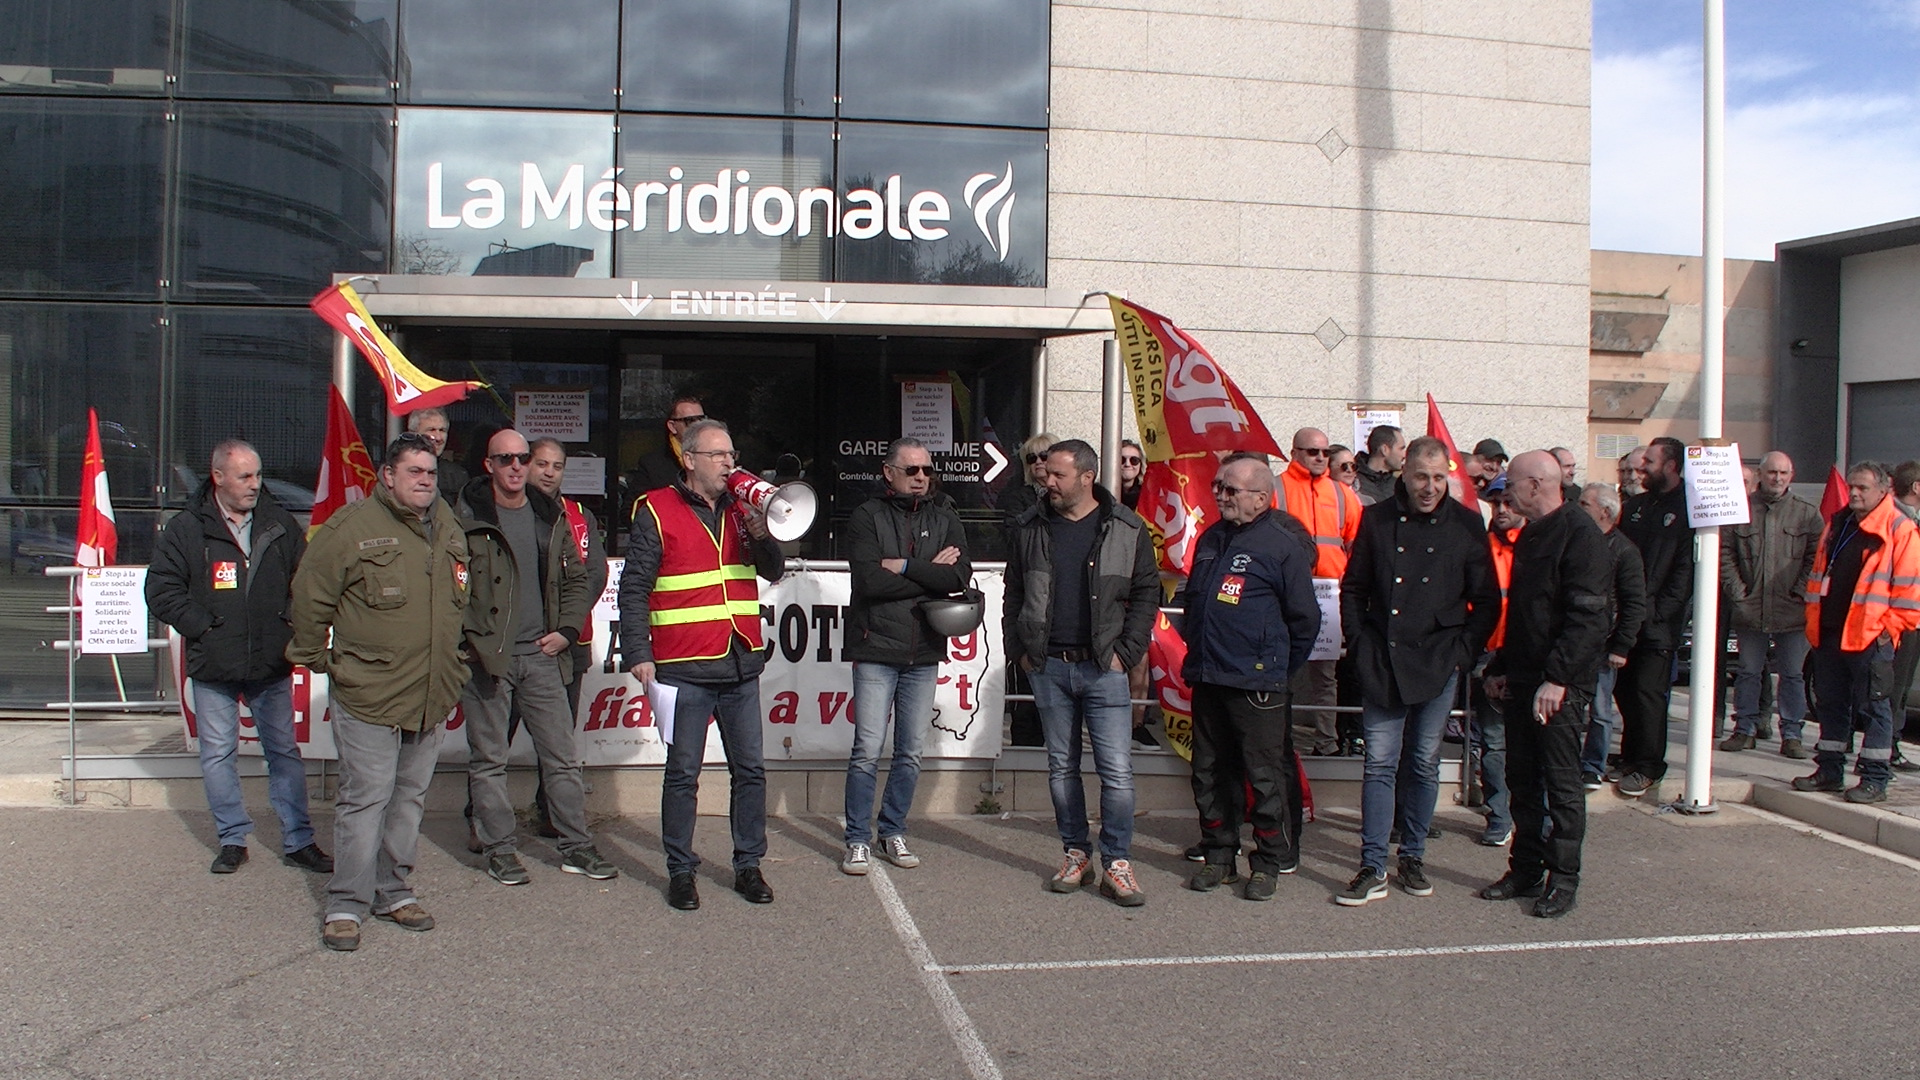 Méridionale : Mobilisation de la CGT et du STC à Bastia. Le Girolata bloqué à Ajaccio